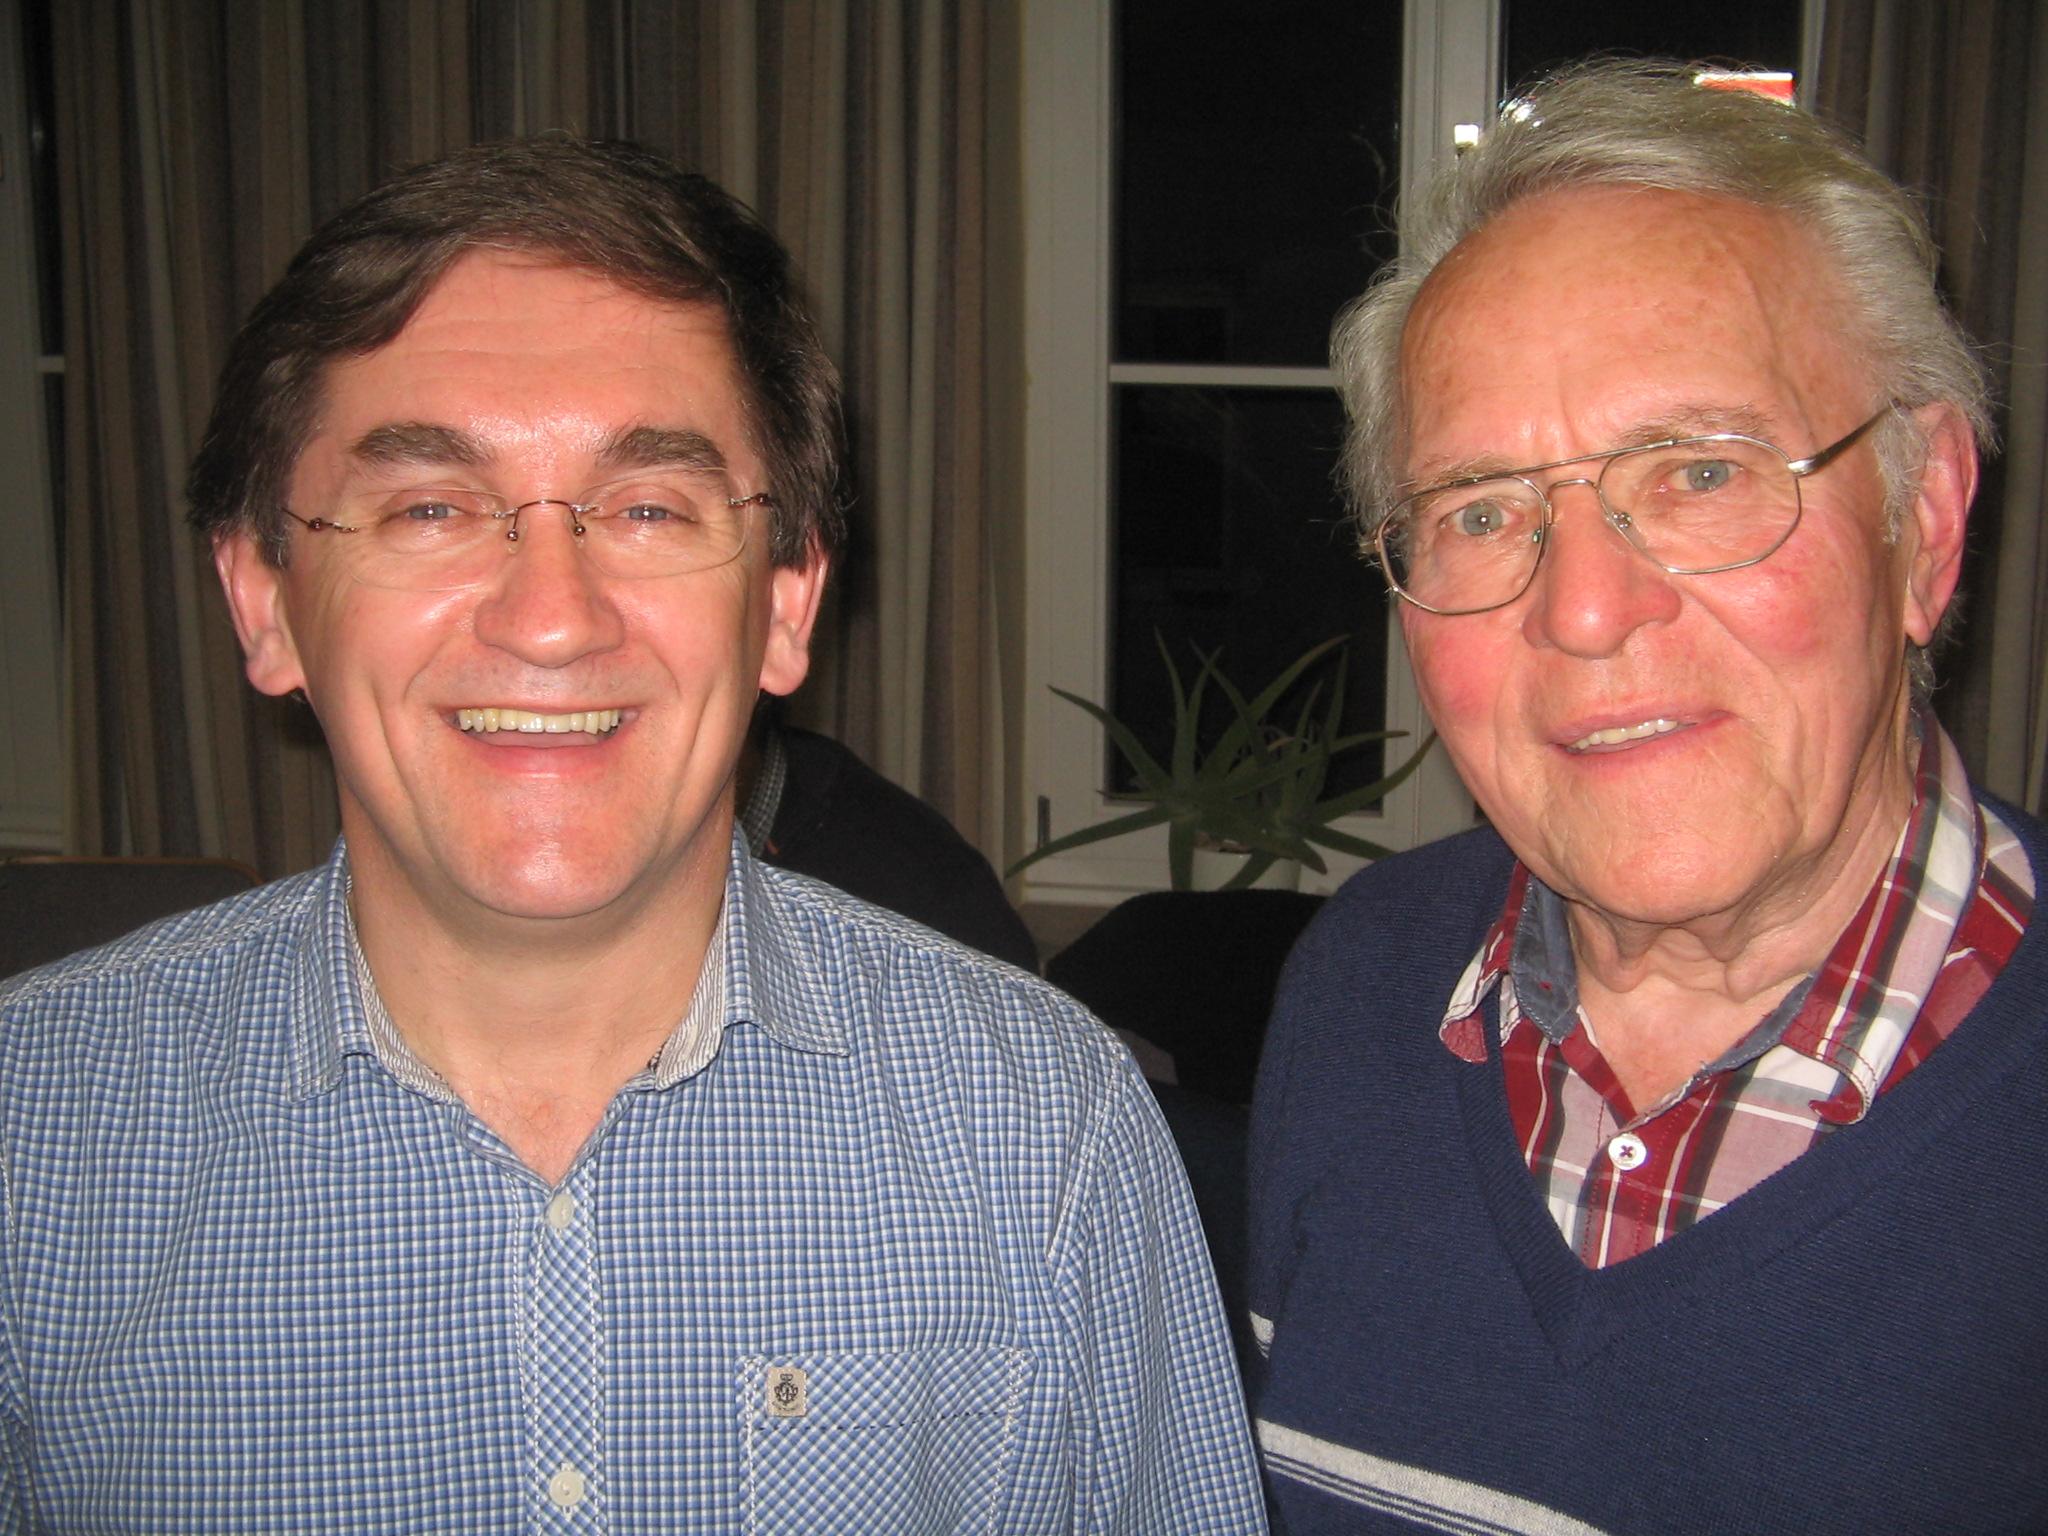 Der brasilianische Pfarrer Jandir Sossmeier bei seinem Besuch der Männerrunde Vach mit Heinz Landler